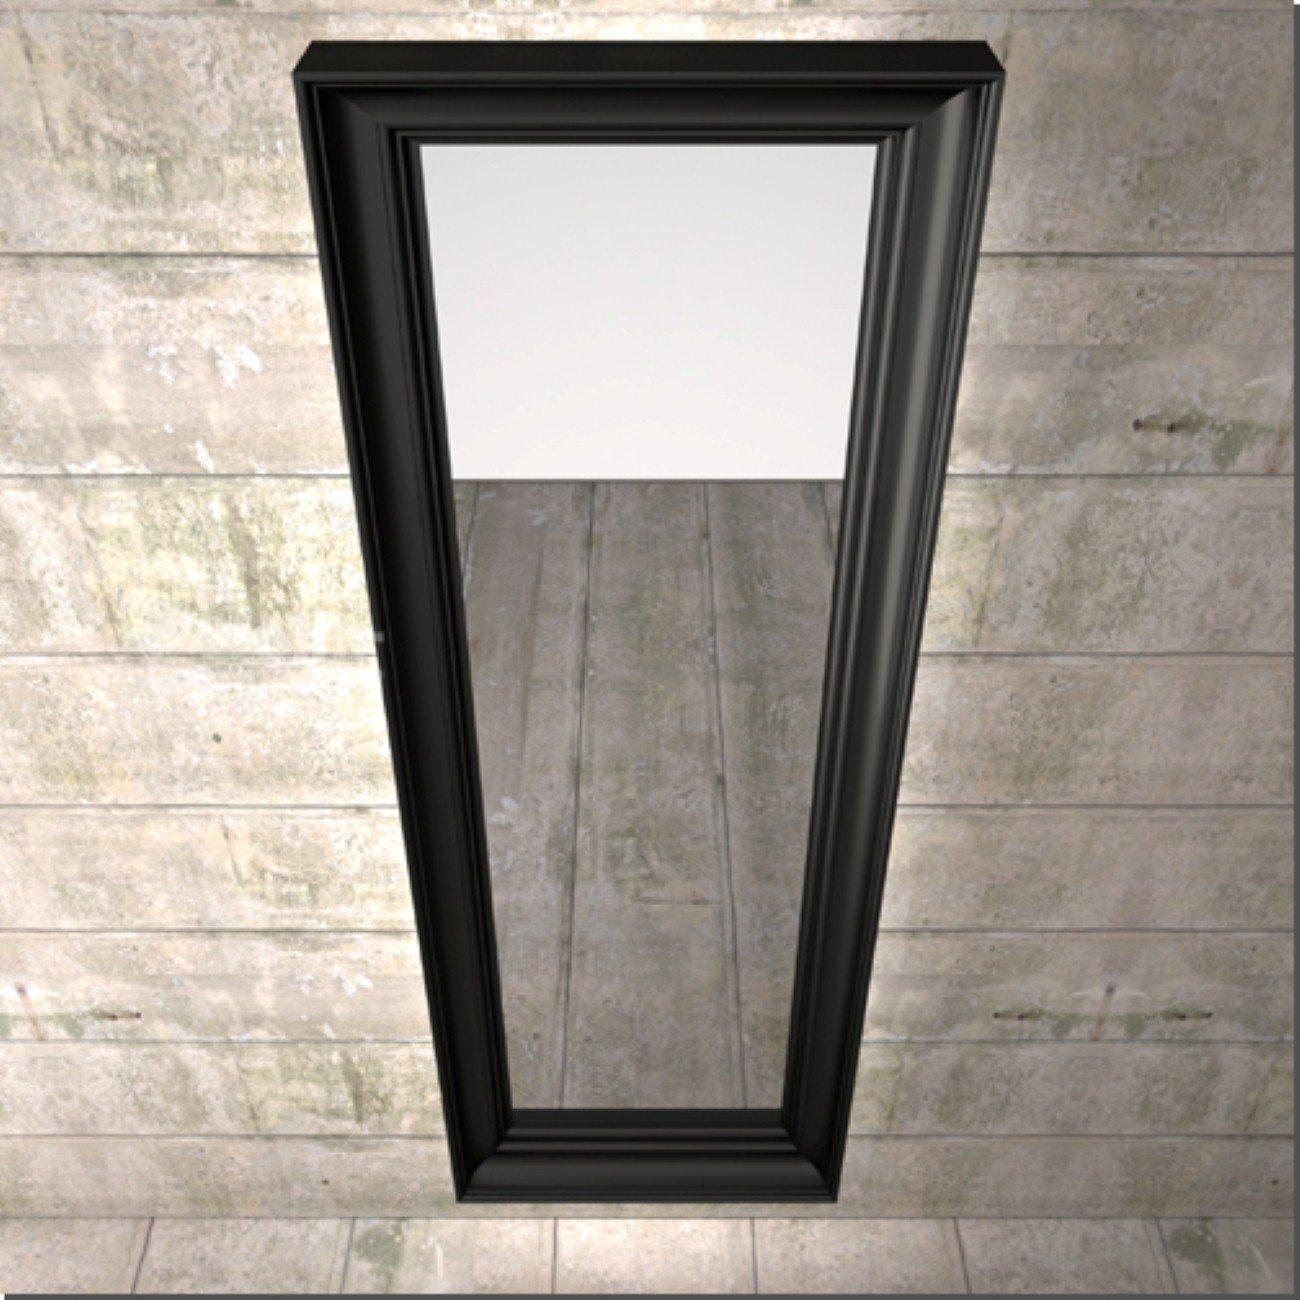 der spekkio spiegelheizk rper ist heizk rper und spiegel. Black Bedroom Furniture Sets. Home Design Ideas